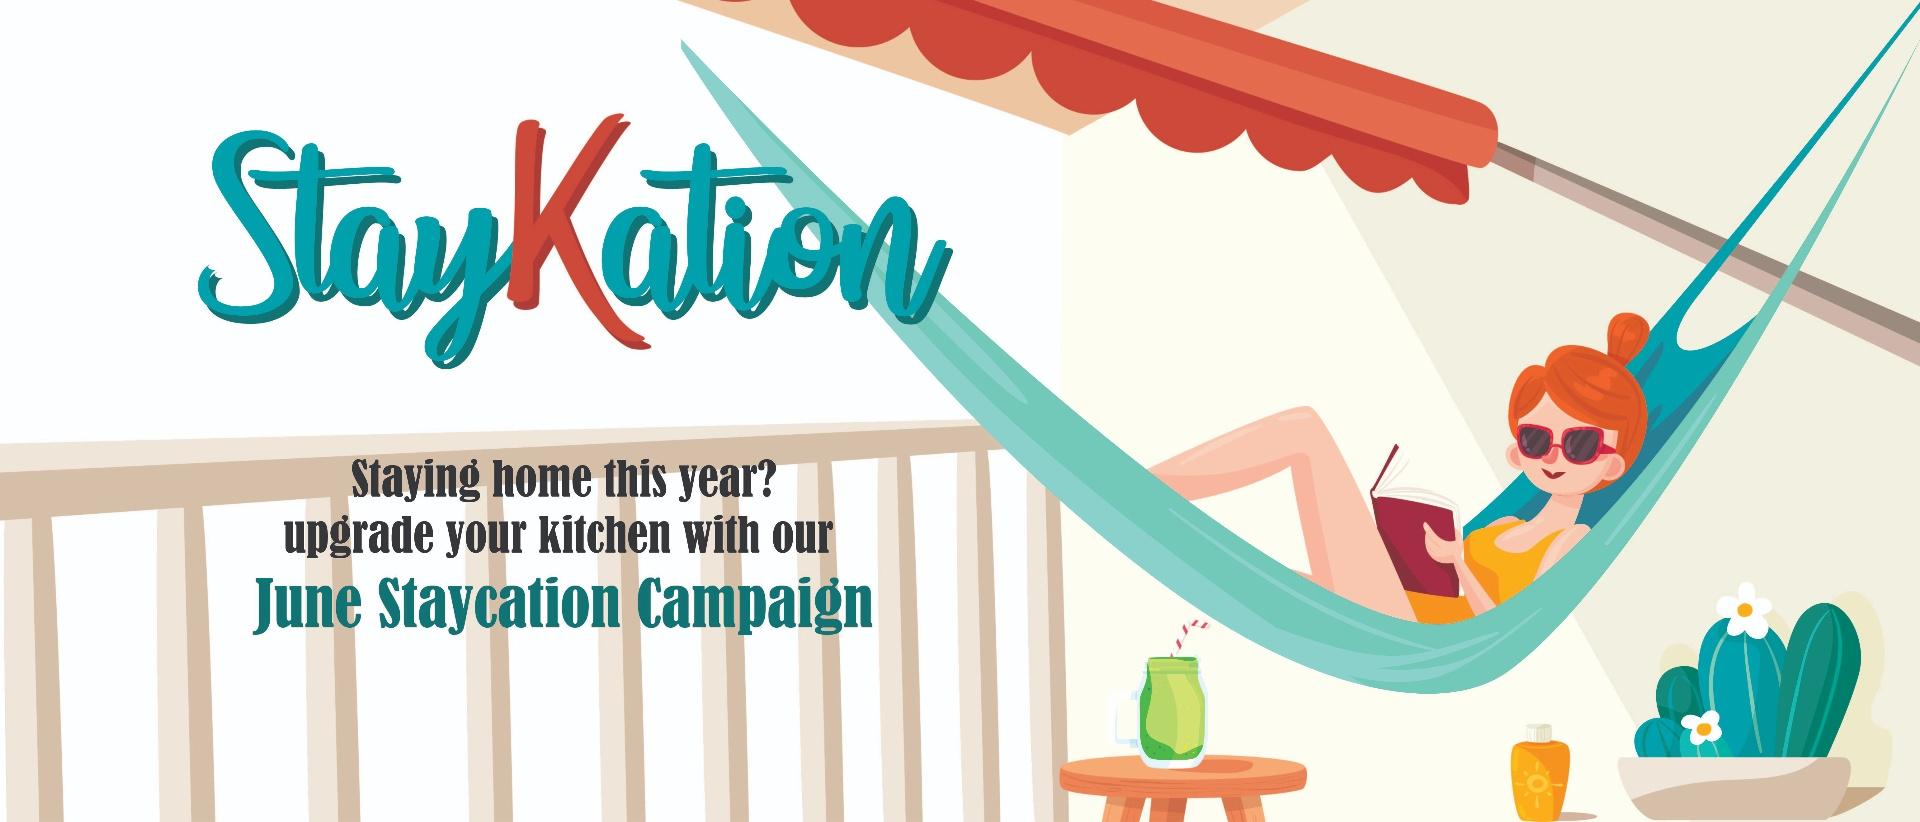 StayKation Banner-01.jpg